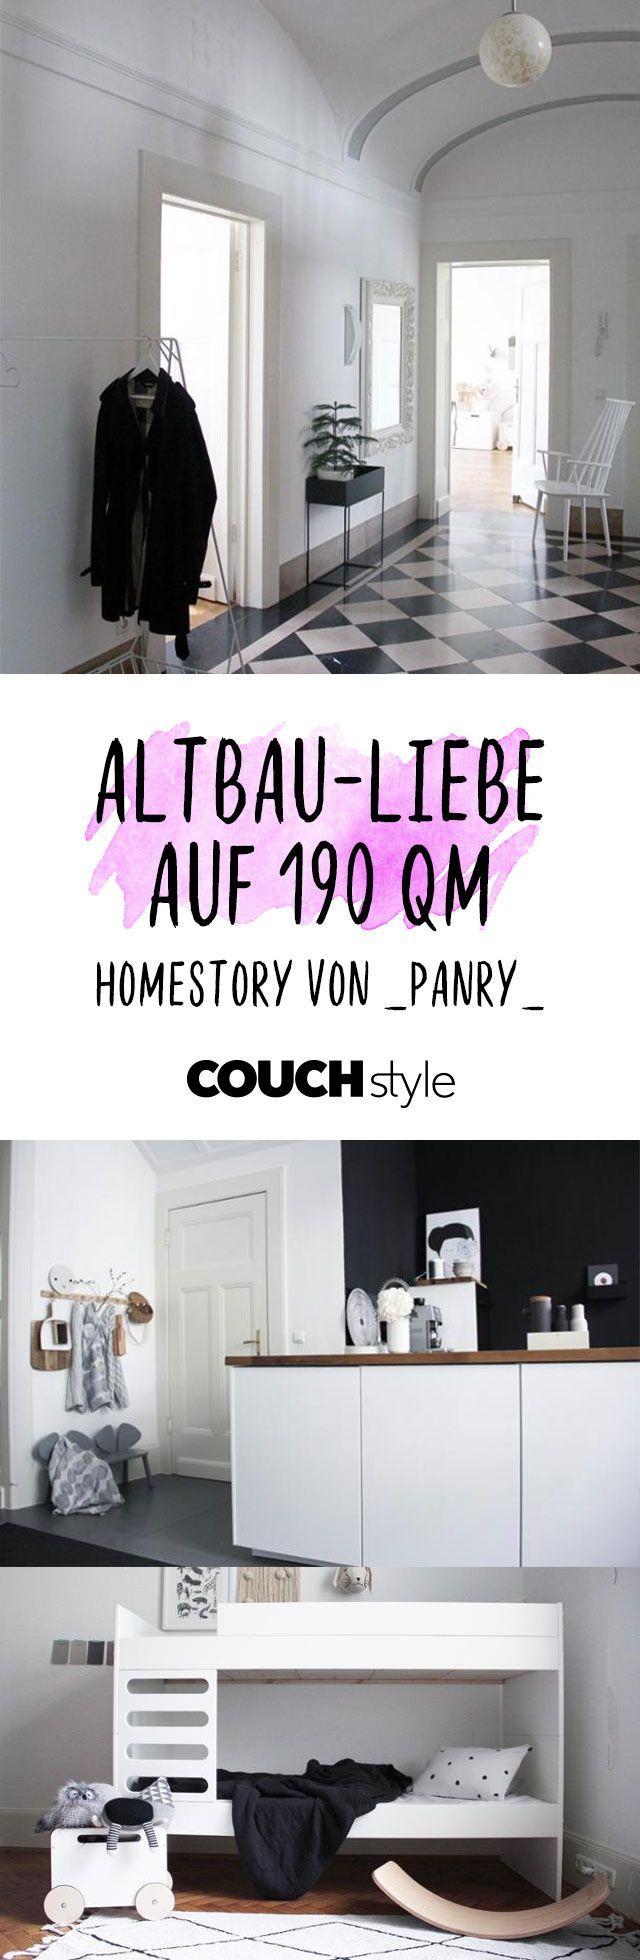 190 Qm Altbauliebe